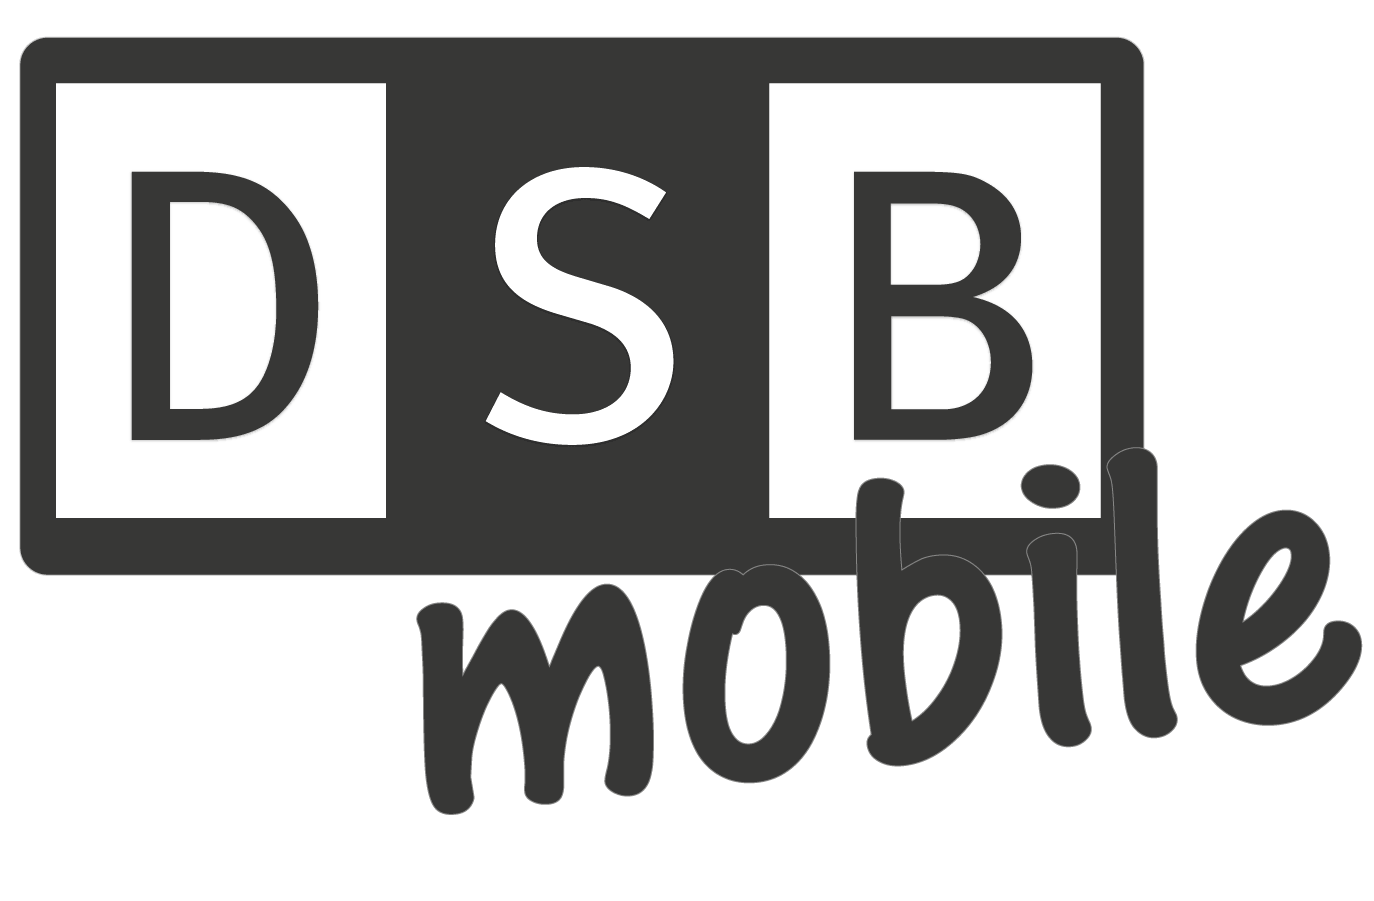 http://mobile.dsbcontrol.de/img/logo_dsbmobile.png